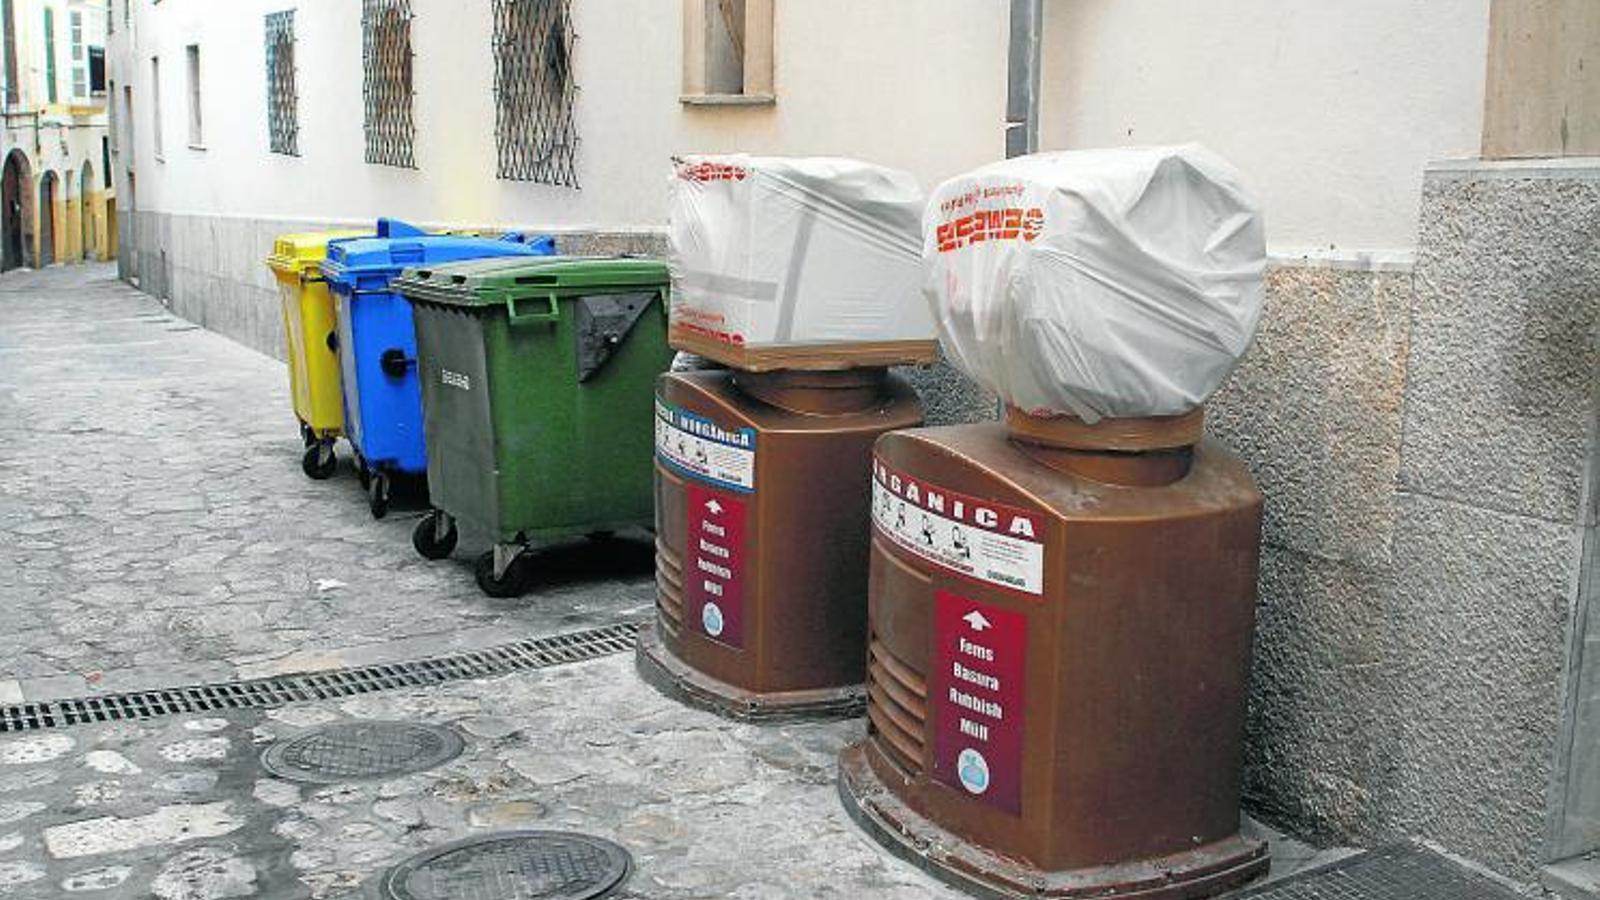 10 ANYS DE SERVEI  Només 10 anys ha pogut aguantar la xarxa de recollida pneumàtica de Palma, un projecte que va costar gairebé el doble del previst inicialment i que ara quedarà condemnat per sempre. Una part dels 27 milions d'euros que va costar la instal·lació va ser finançada per la Unió Europea.